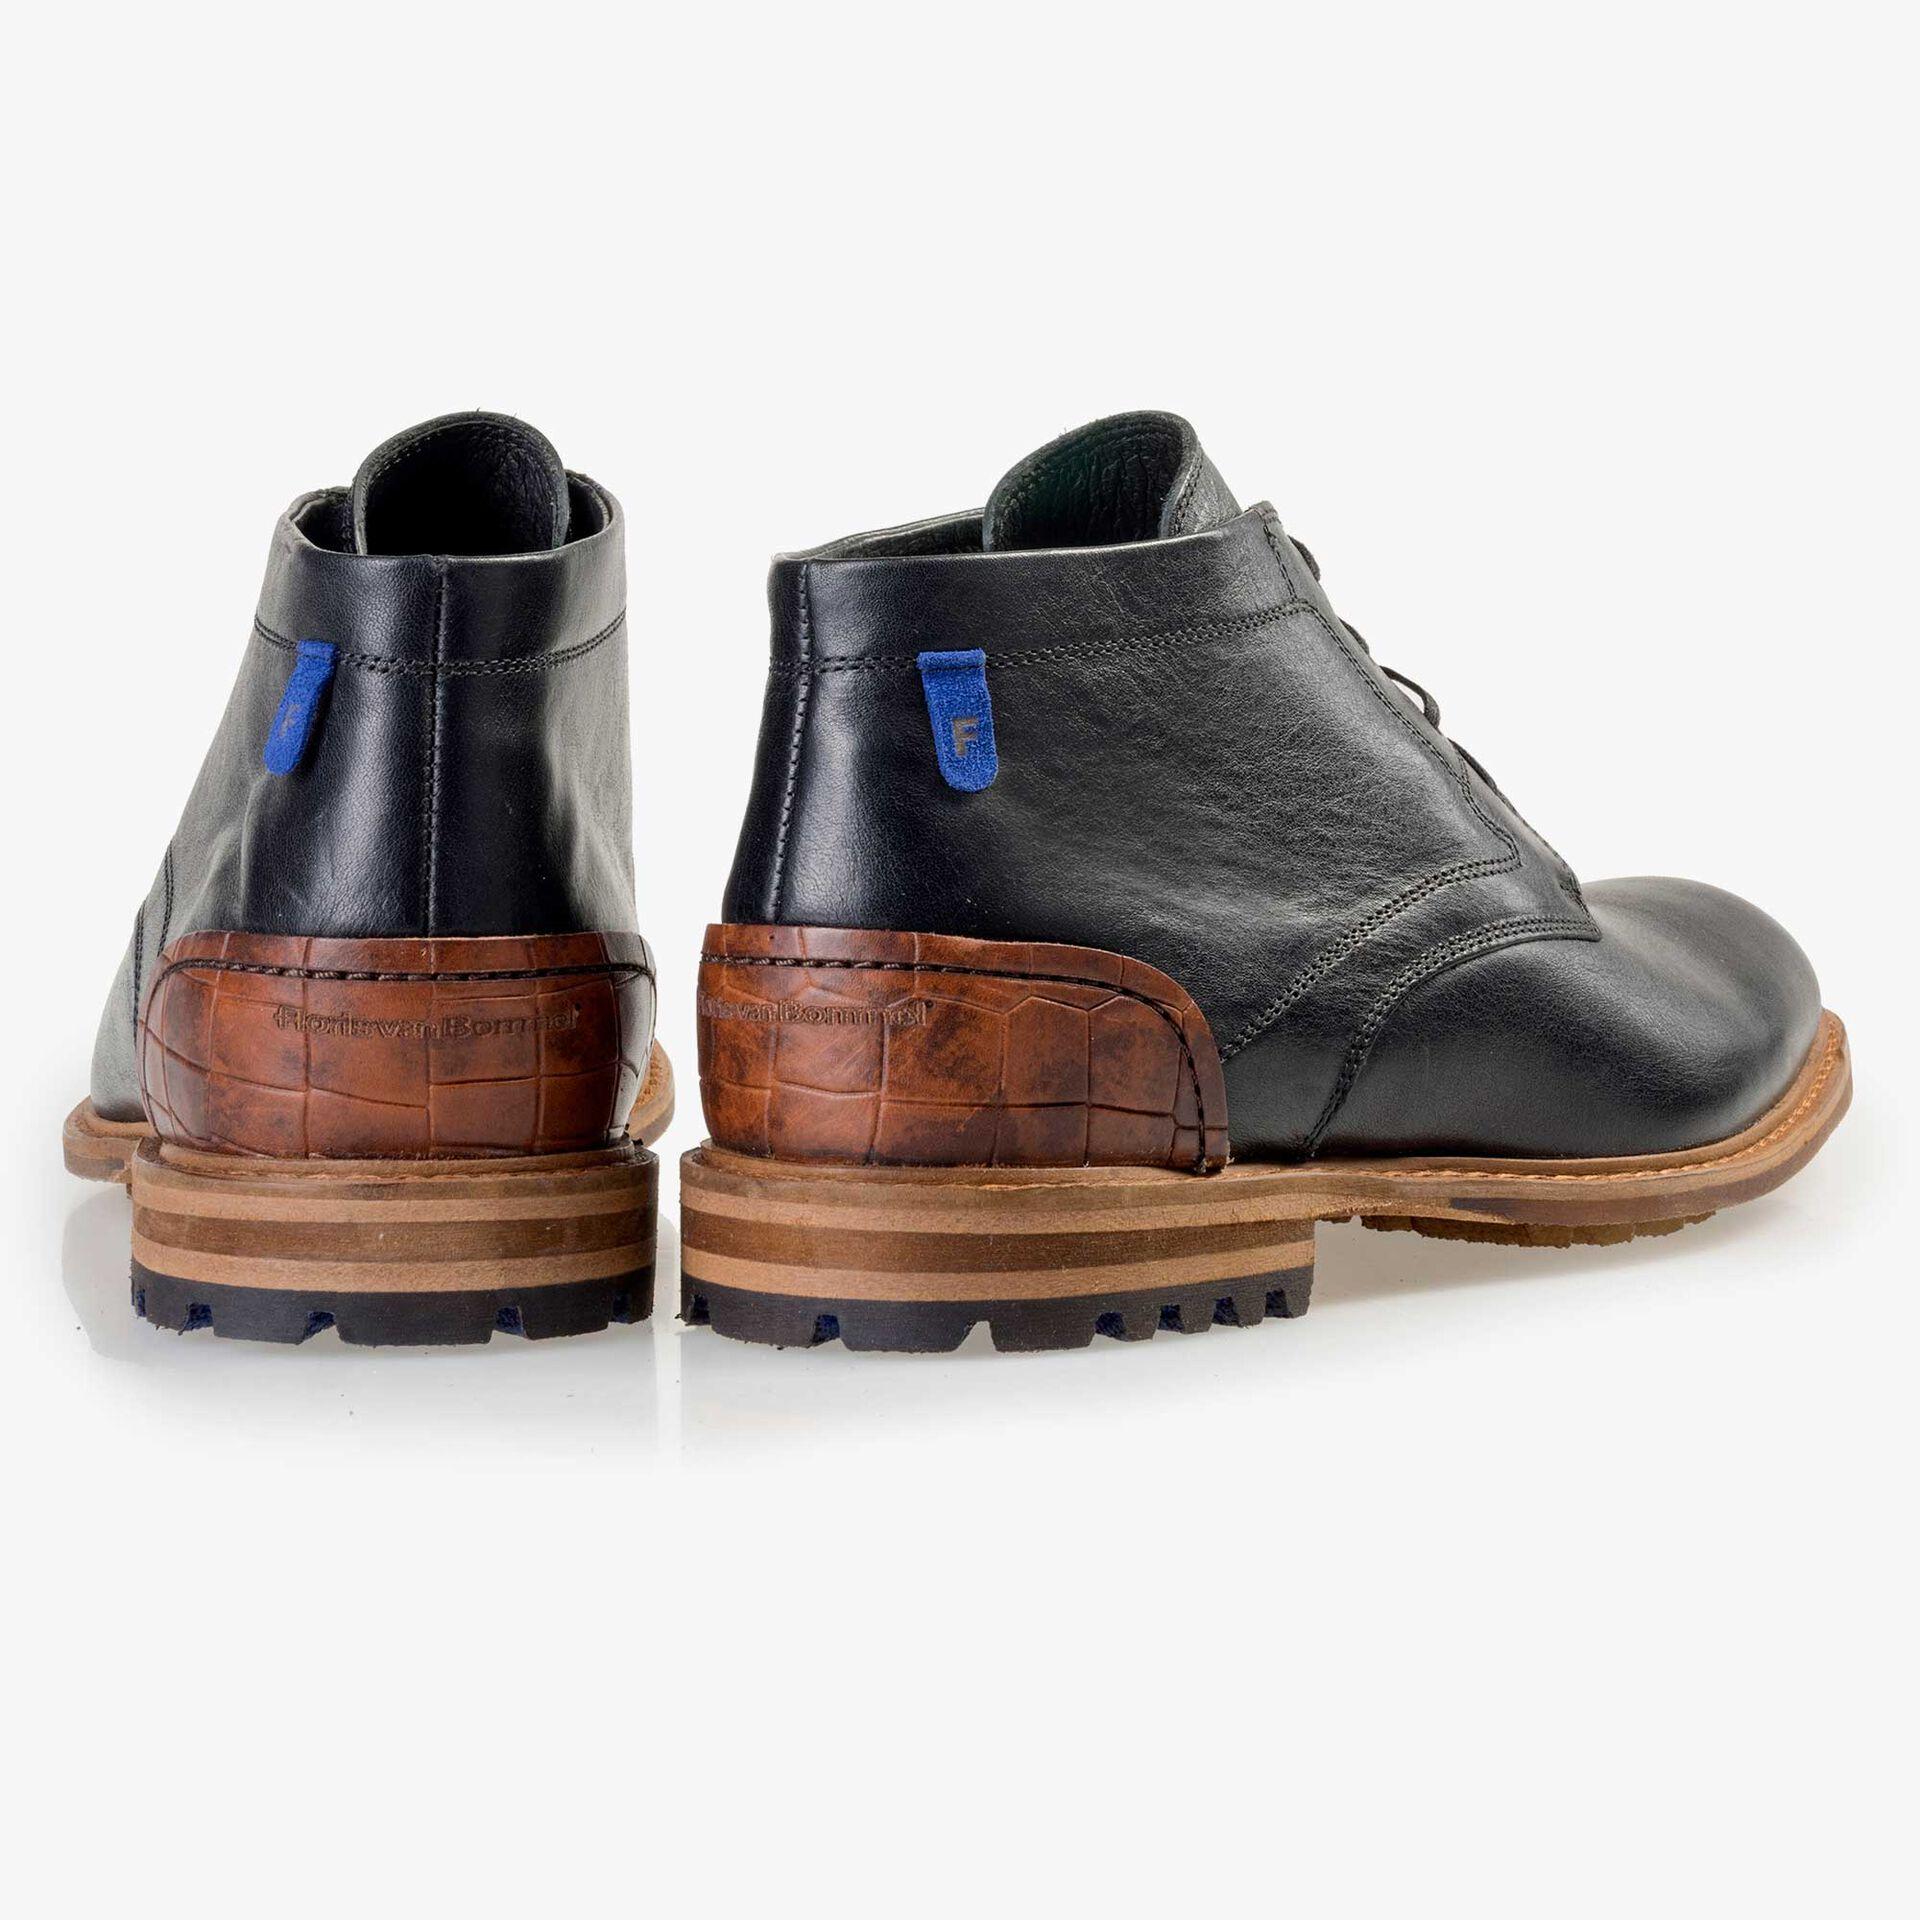 Floris van Bommel men's black leather lace boot